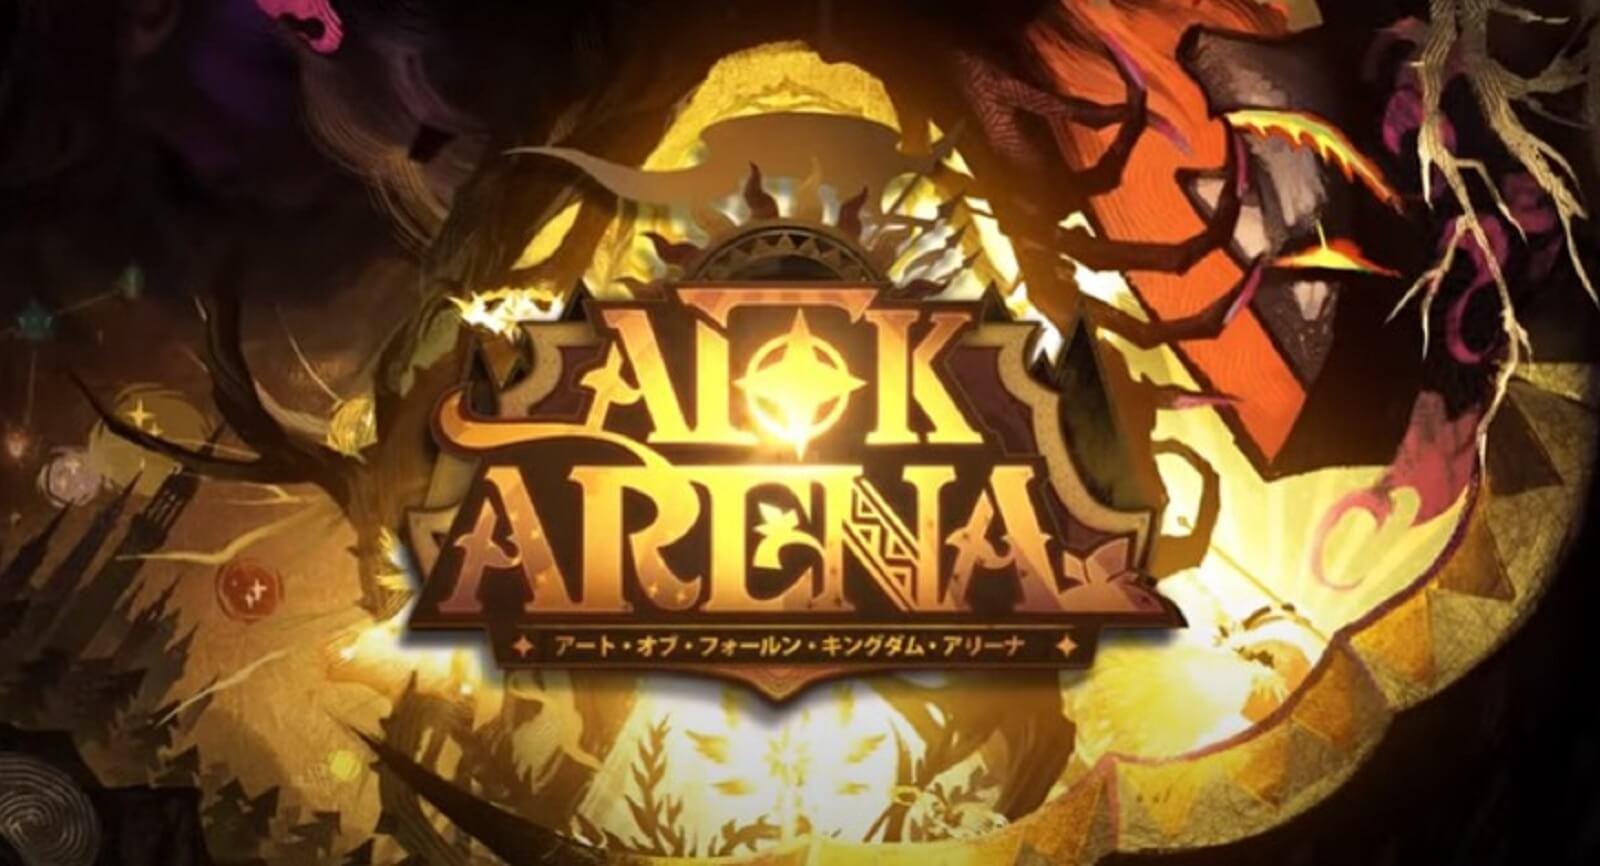 AFKアリーナ、キャラ獲得のコツは○○、ゲーム初心者でもガッツリ楽しめる放置系RPG